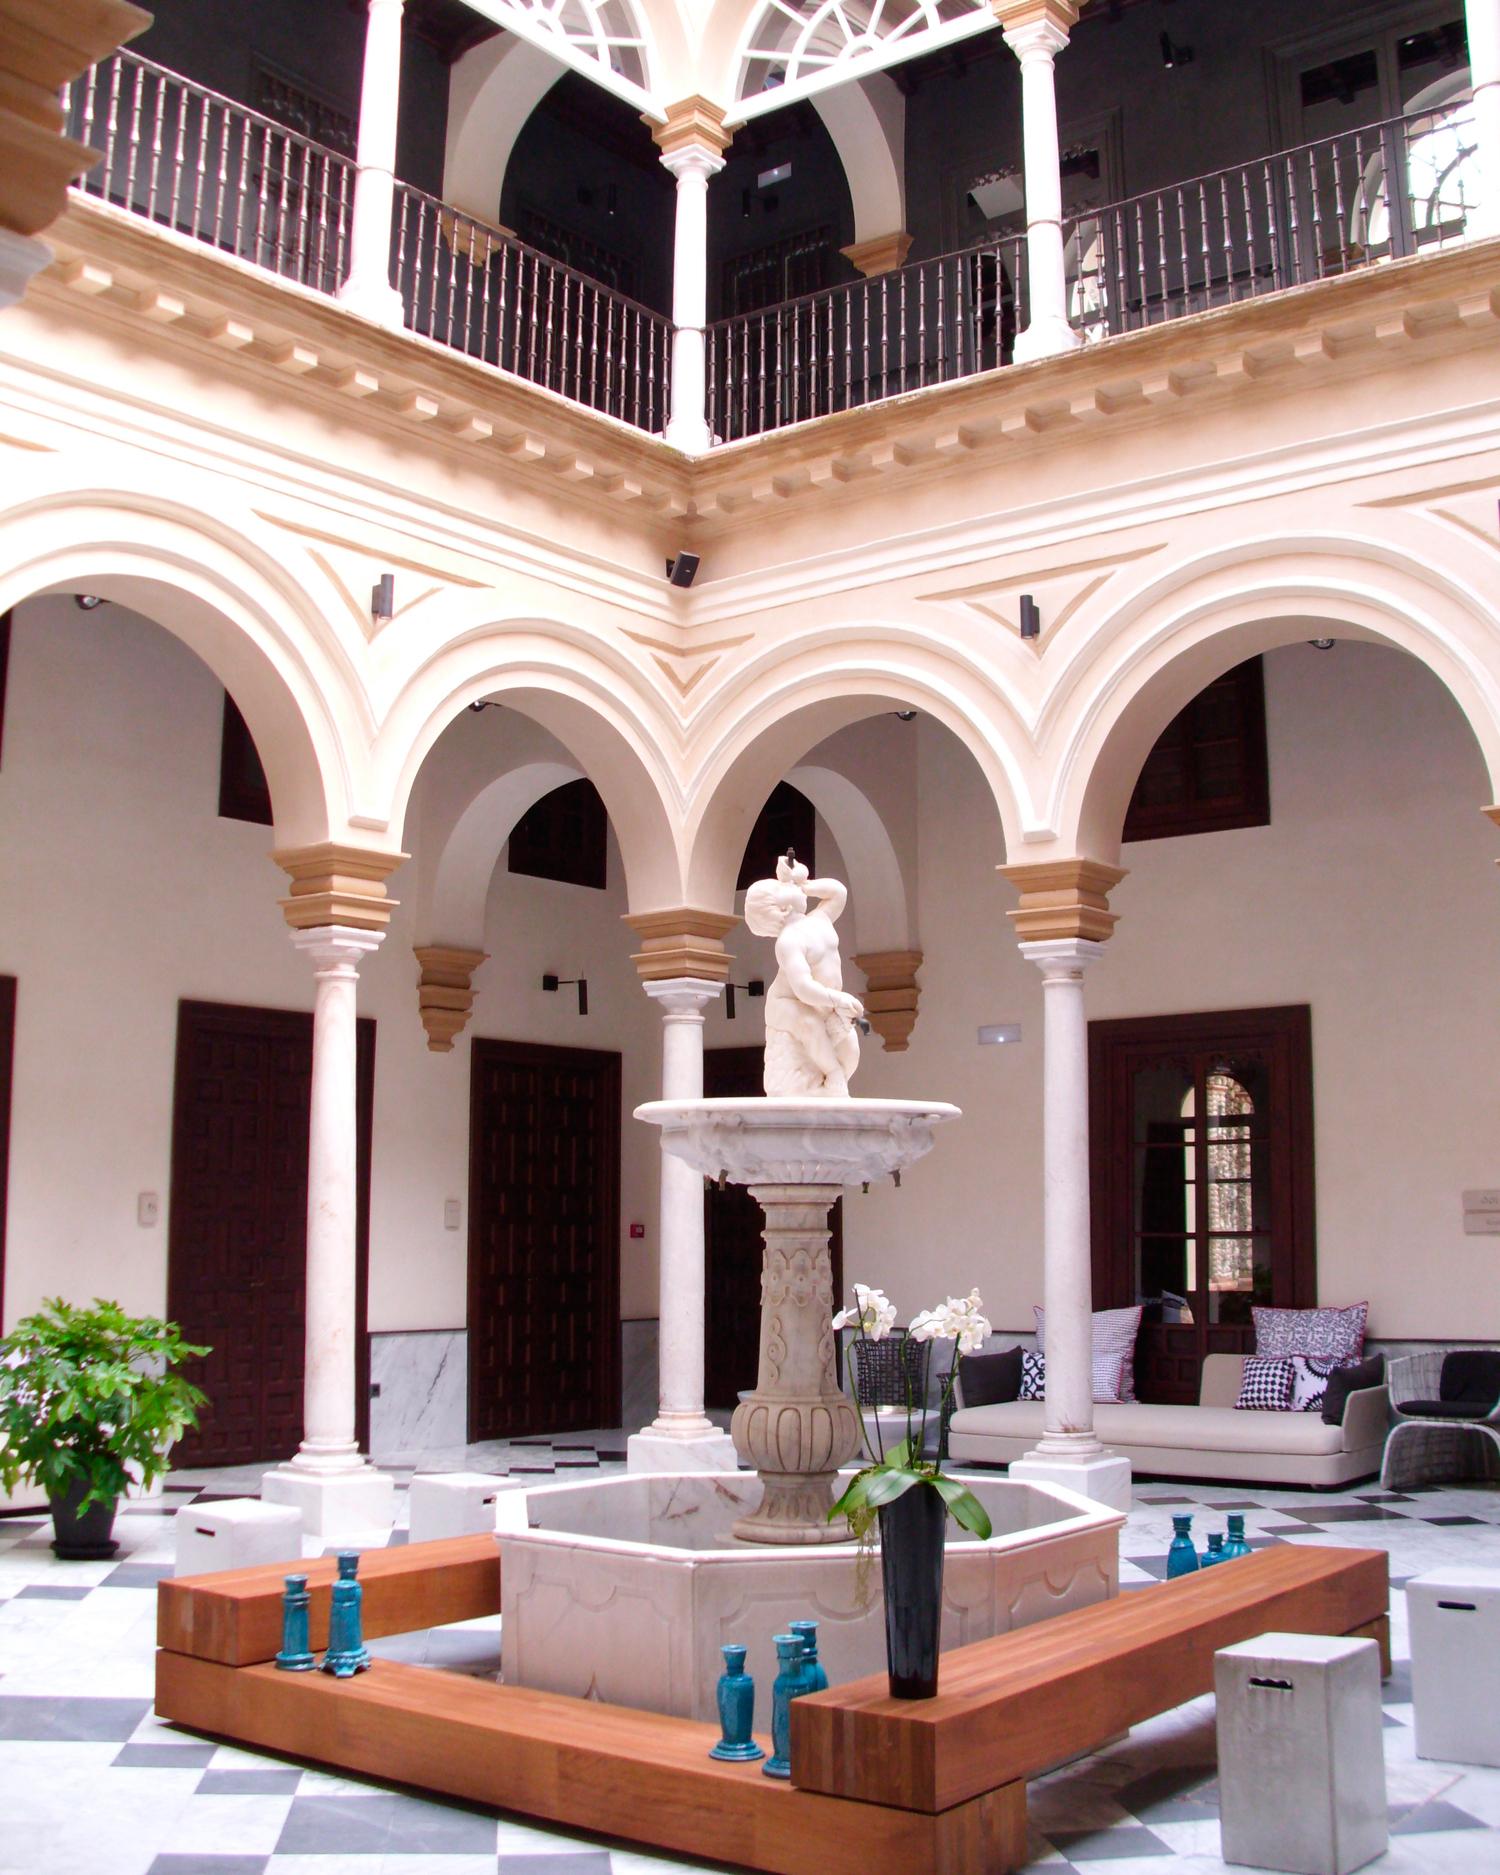 smith-palacio-de-villapanes-seville-spain.jpg